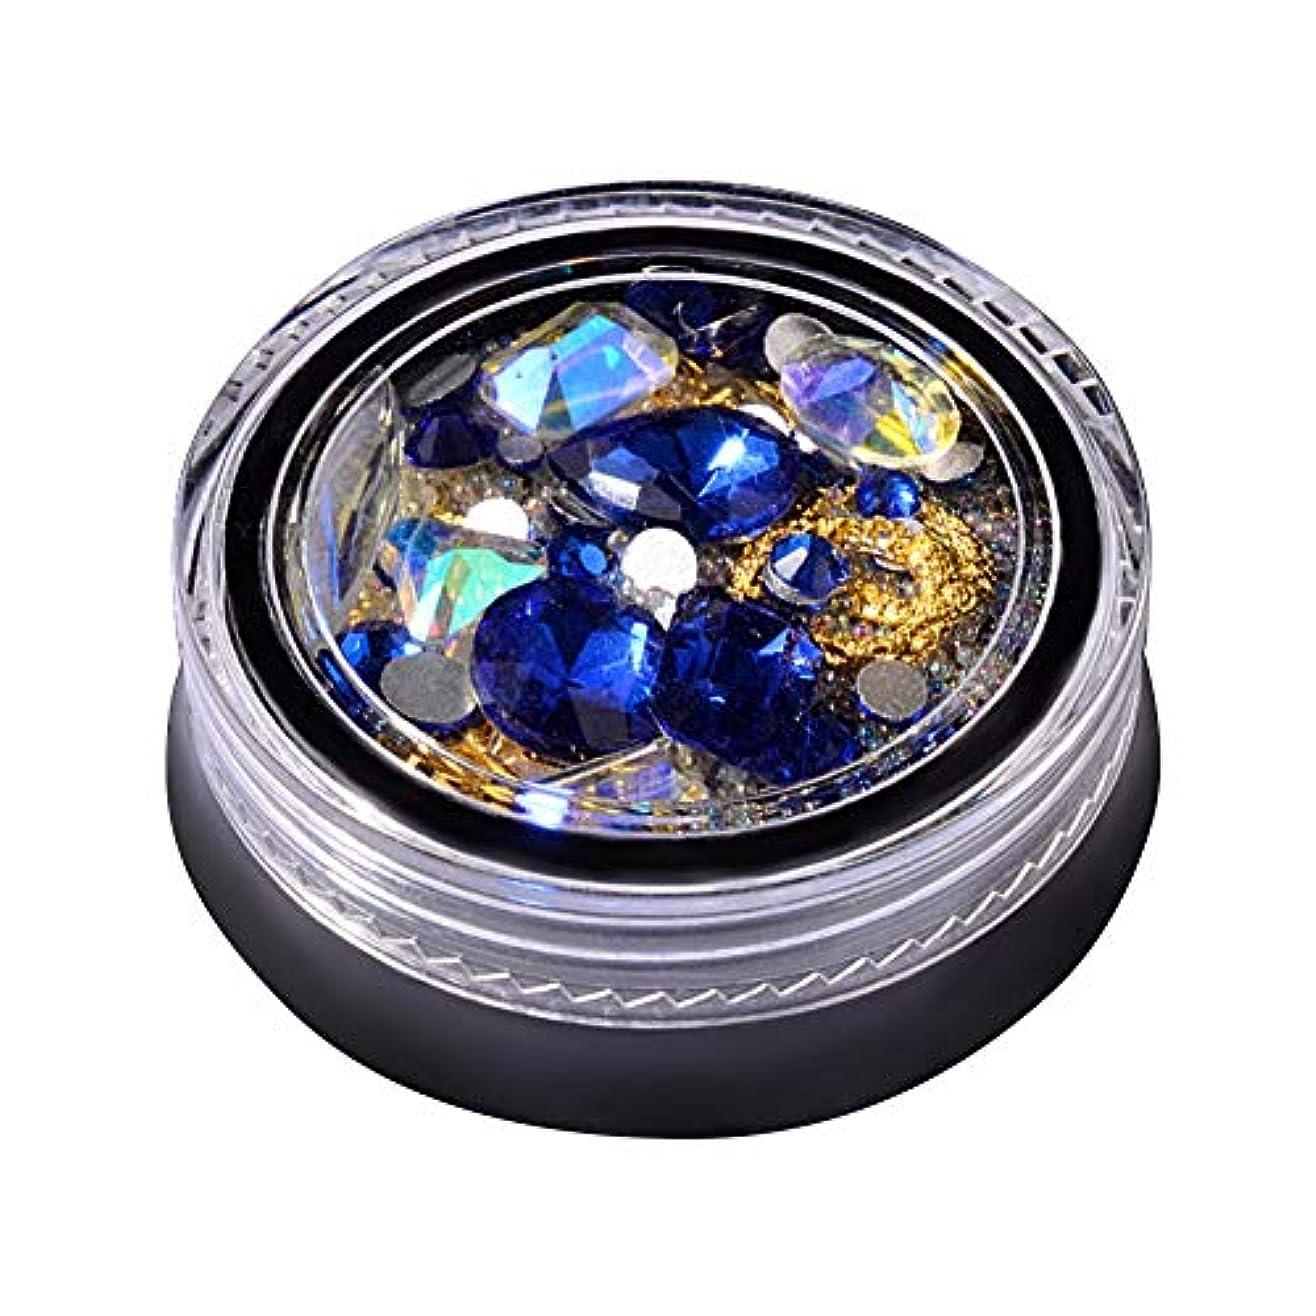 レタッチ眠いです病なネイルジュエリーネイルダイヤモンド形の多面的な創造的な装飾的な模造ダイヤモンドドリルダイヤモンドは青のDIYネイルアートツールセットの小道具